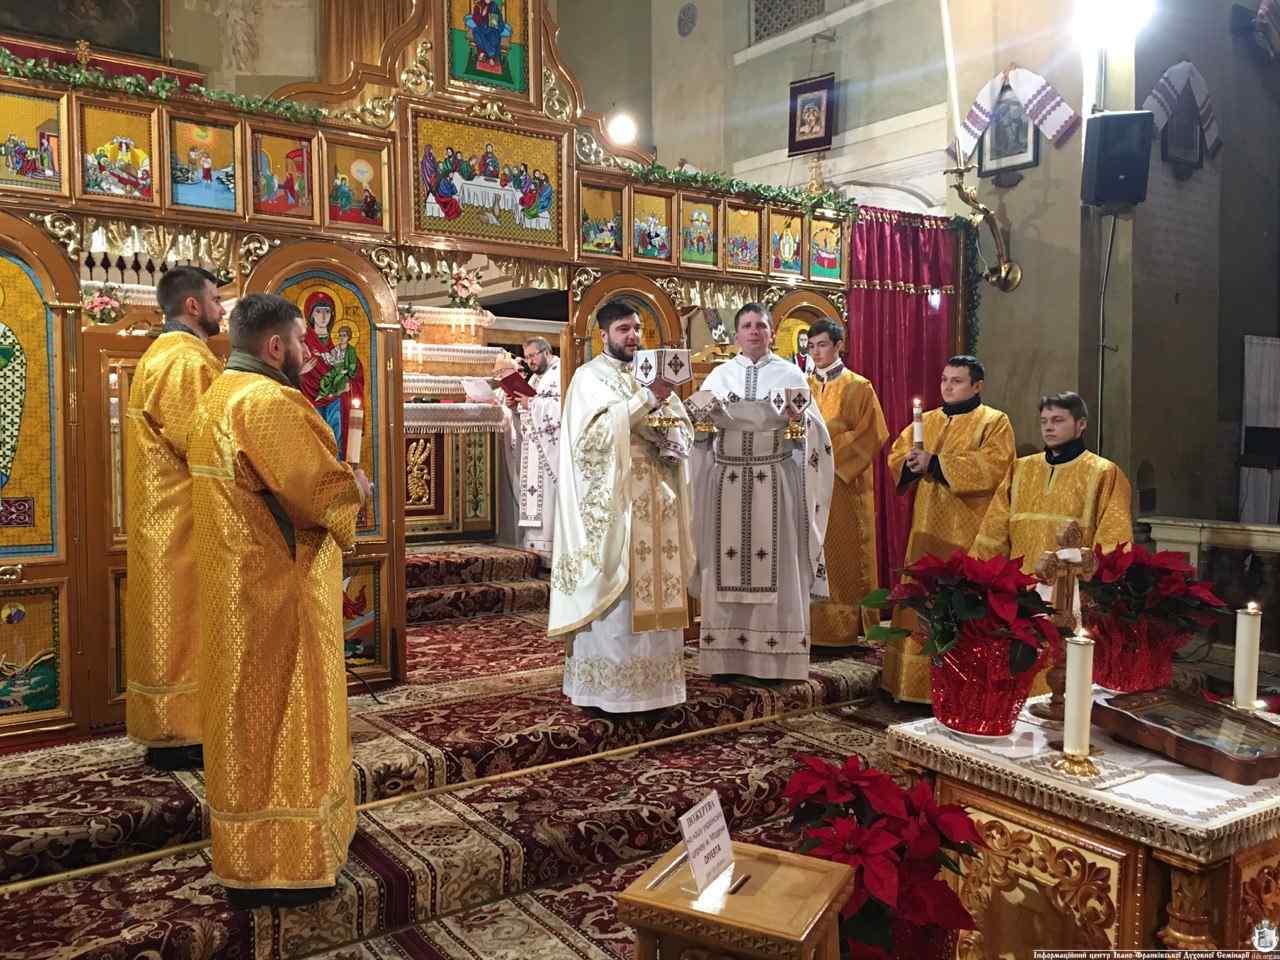 Священики і семінаристи з Івано-Франківська колядують в Італії (ФОТО)